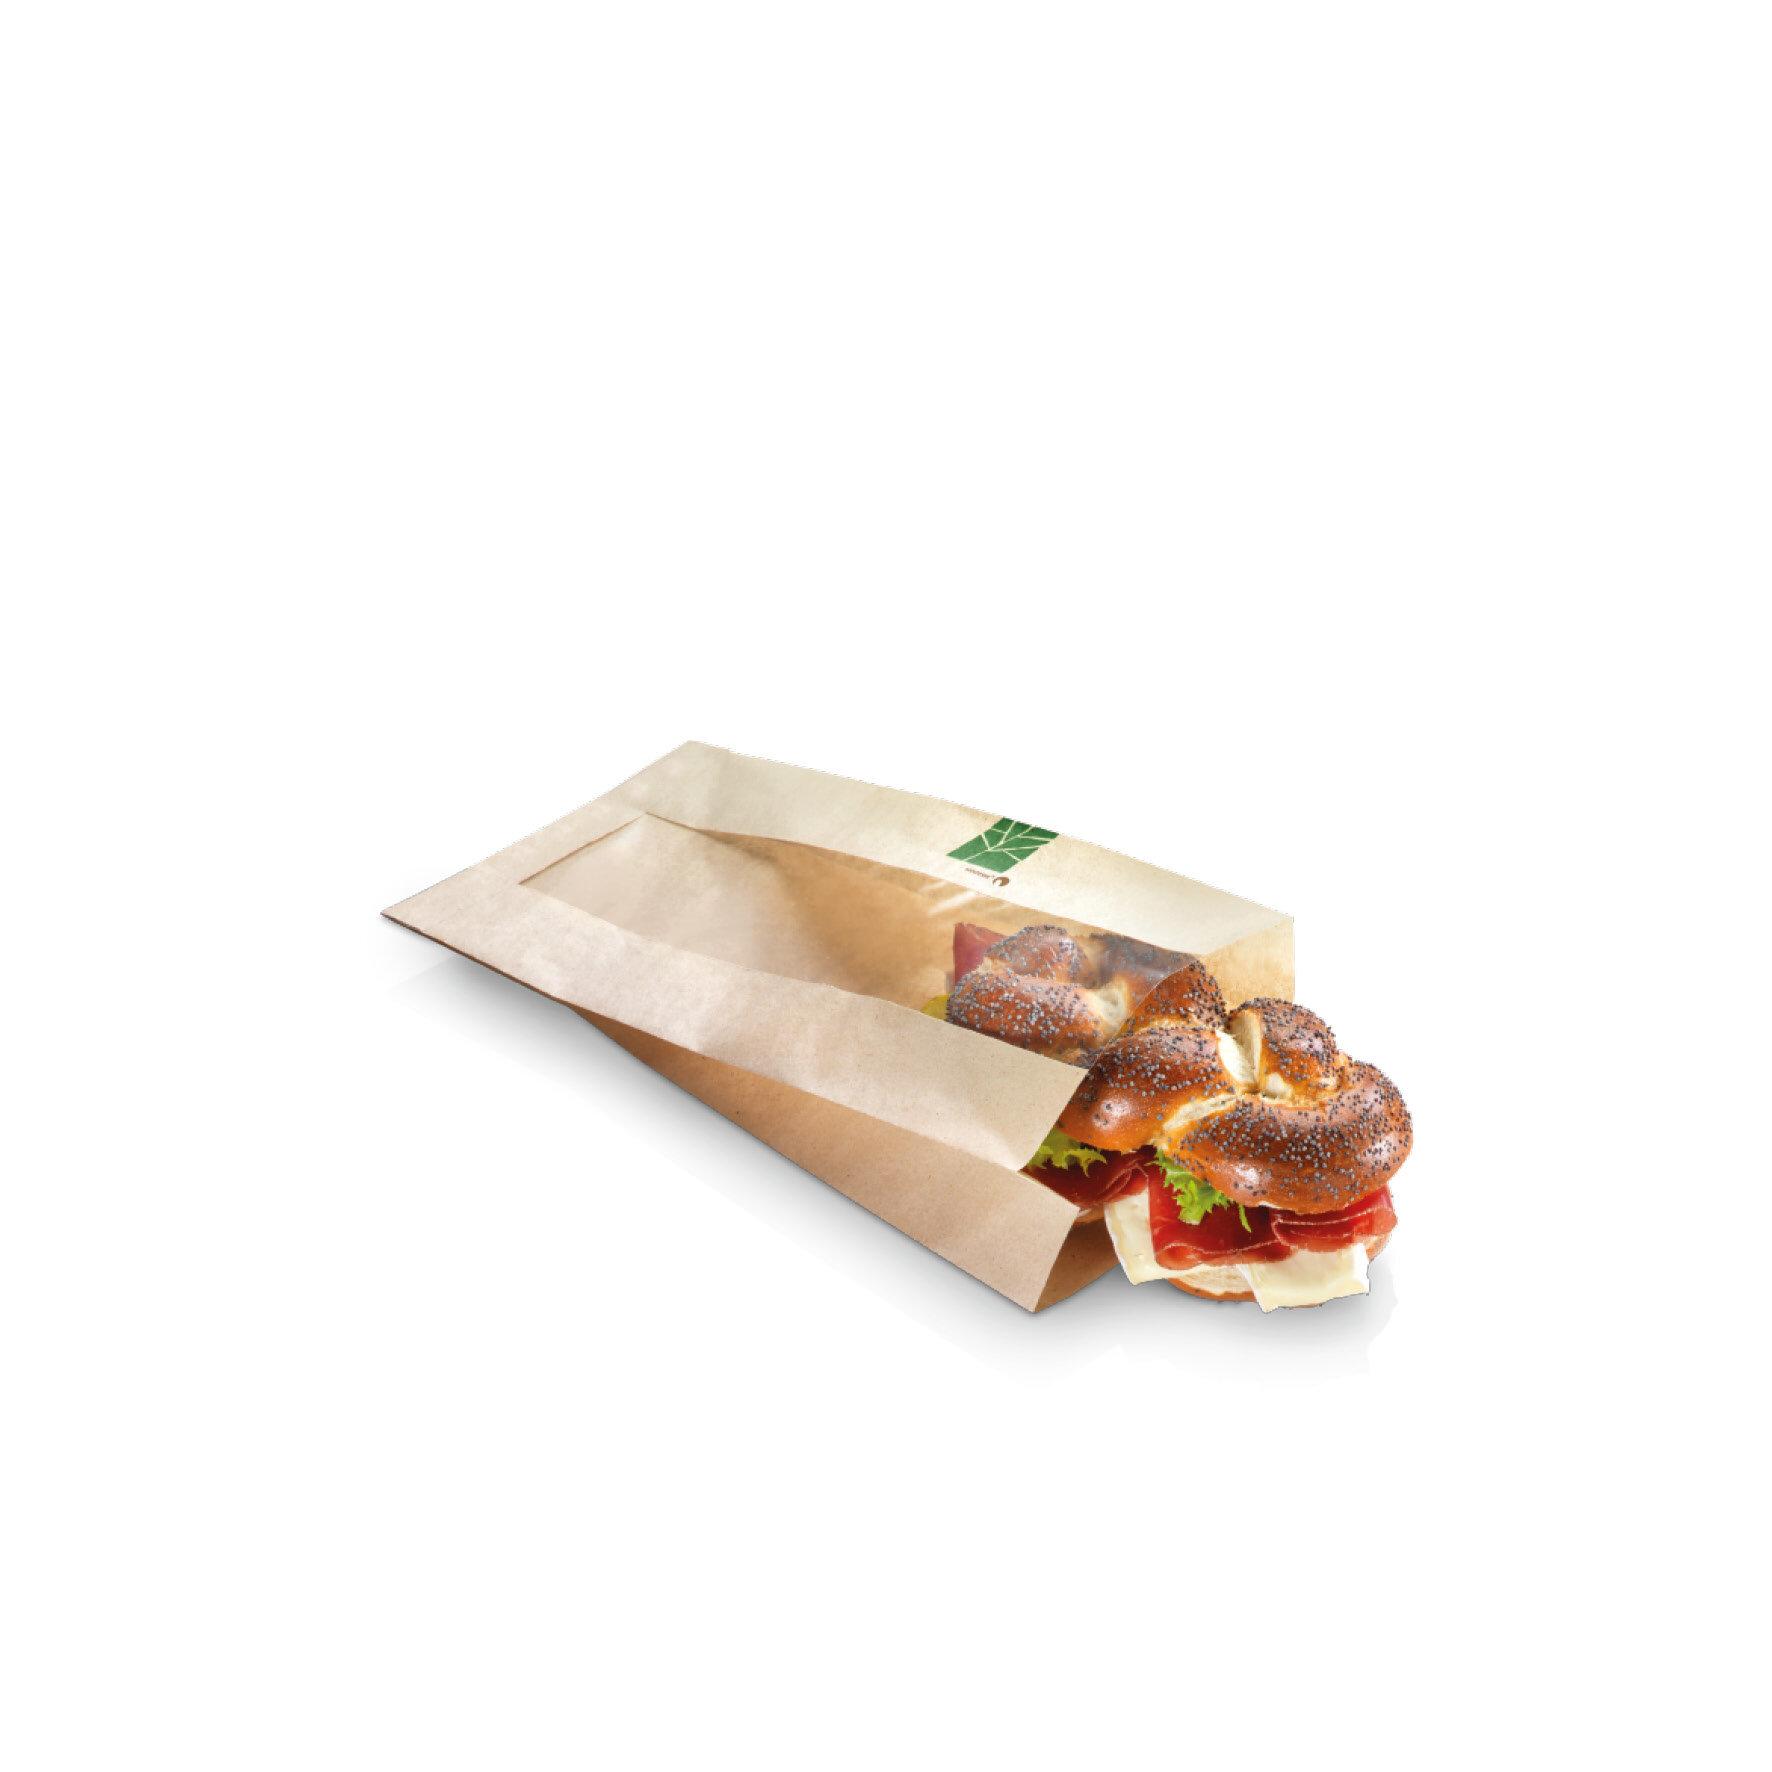 WEBAbag  Seitenfaltenbeutel PaperWise mit PLA-Sichtstreifen mittig    individuell bedruckbar, industriell kompostierbar